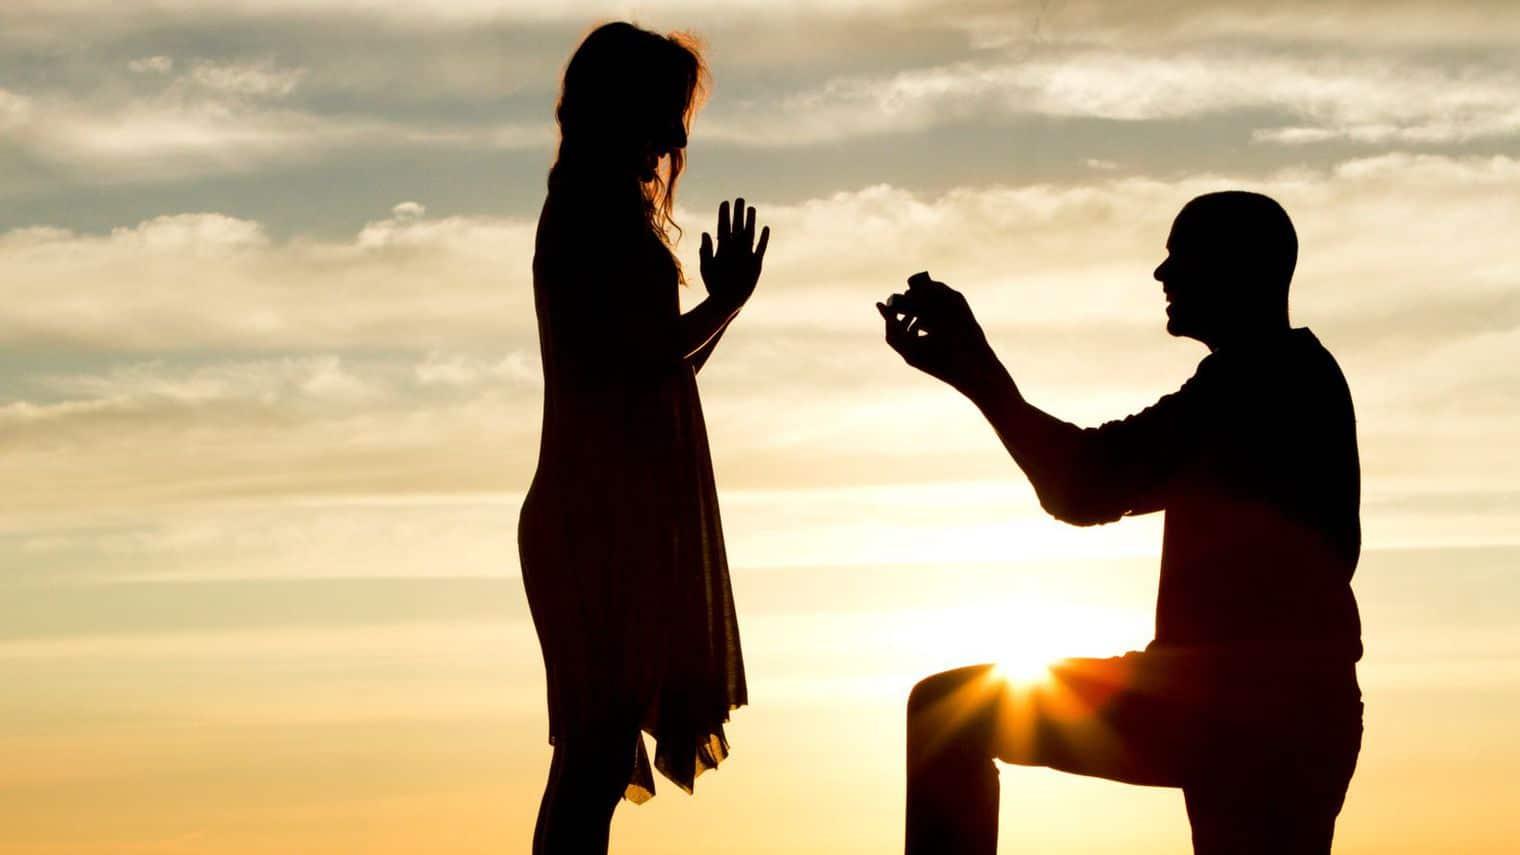 http://www.kelnoce.fr/wp-content/uploads/2016/11/trois-idees-pour-une-demande-en-mariage.jpg